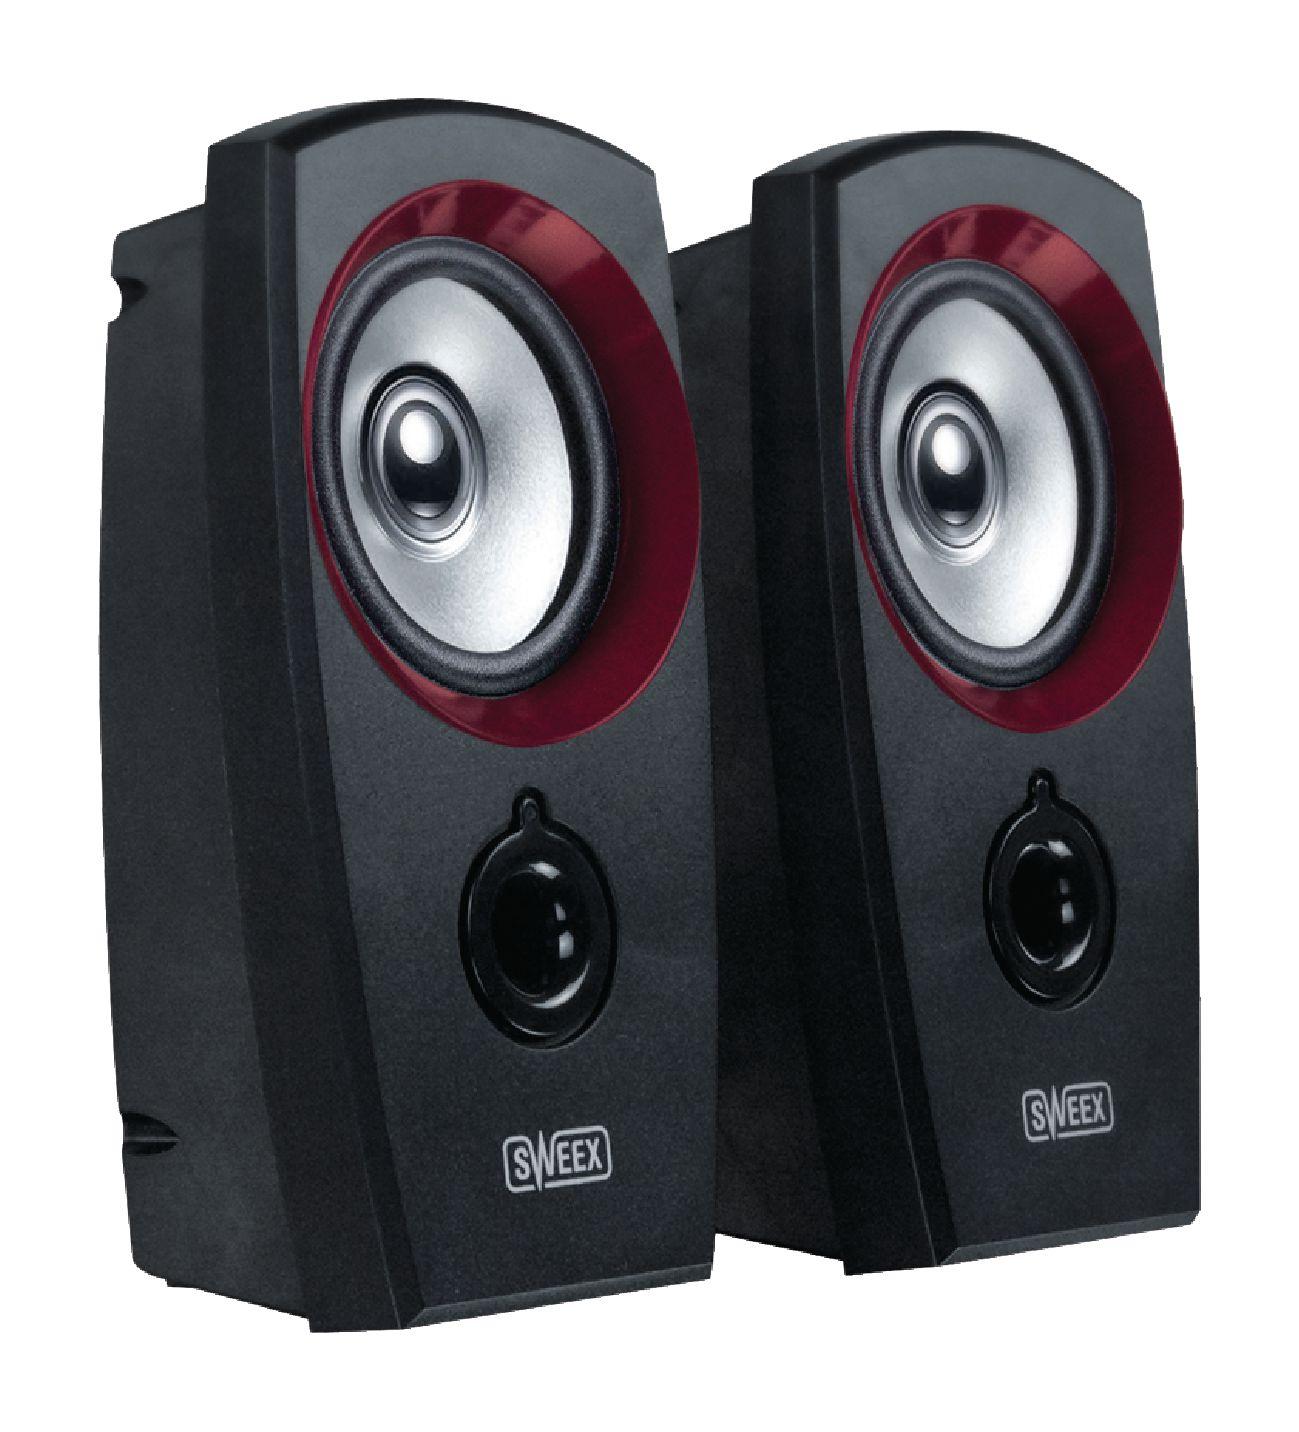 Sweex SP040 stereo reproduktory 2W, USB, jack 3.5mm, černé/červené